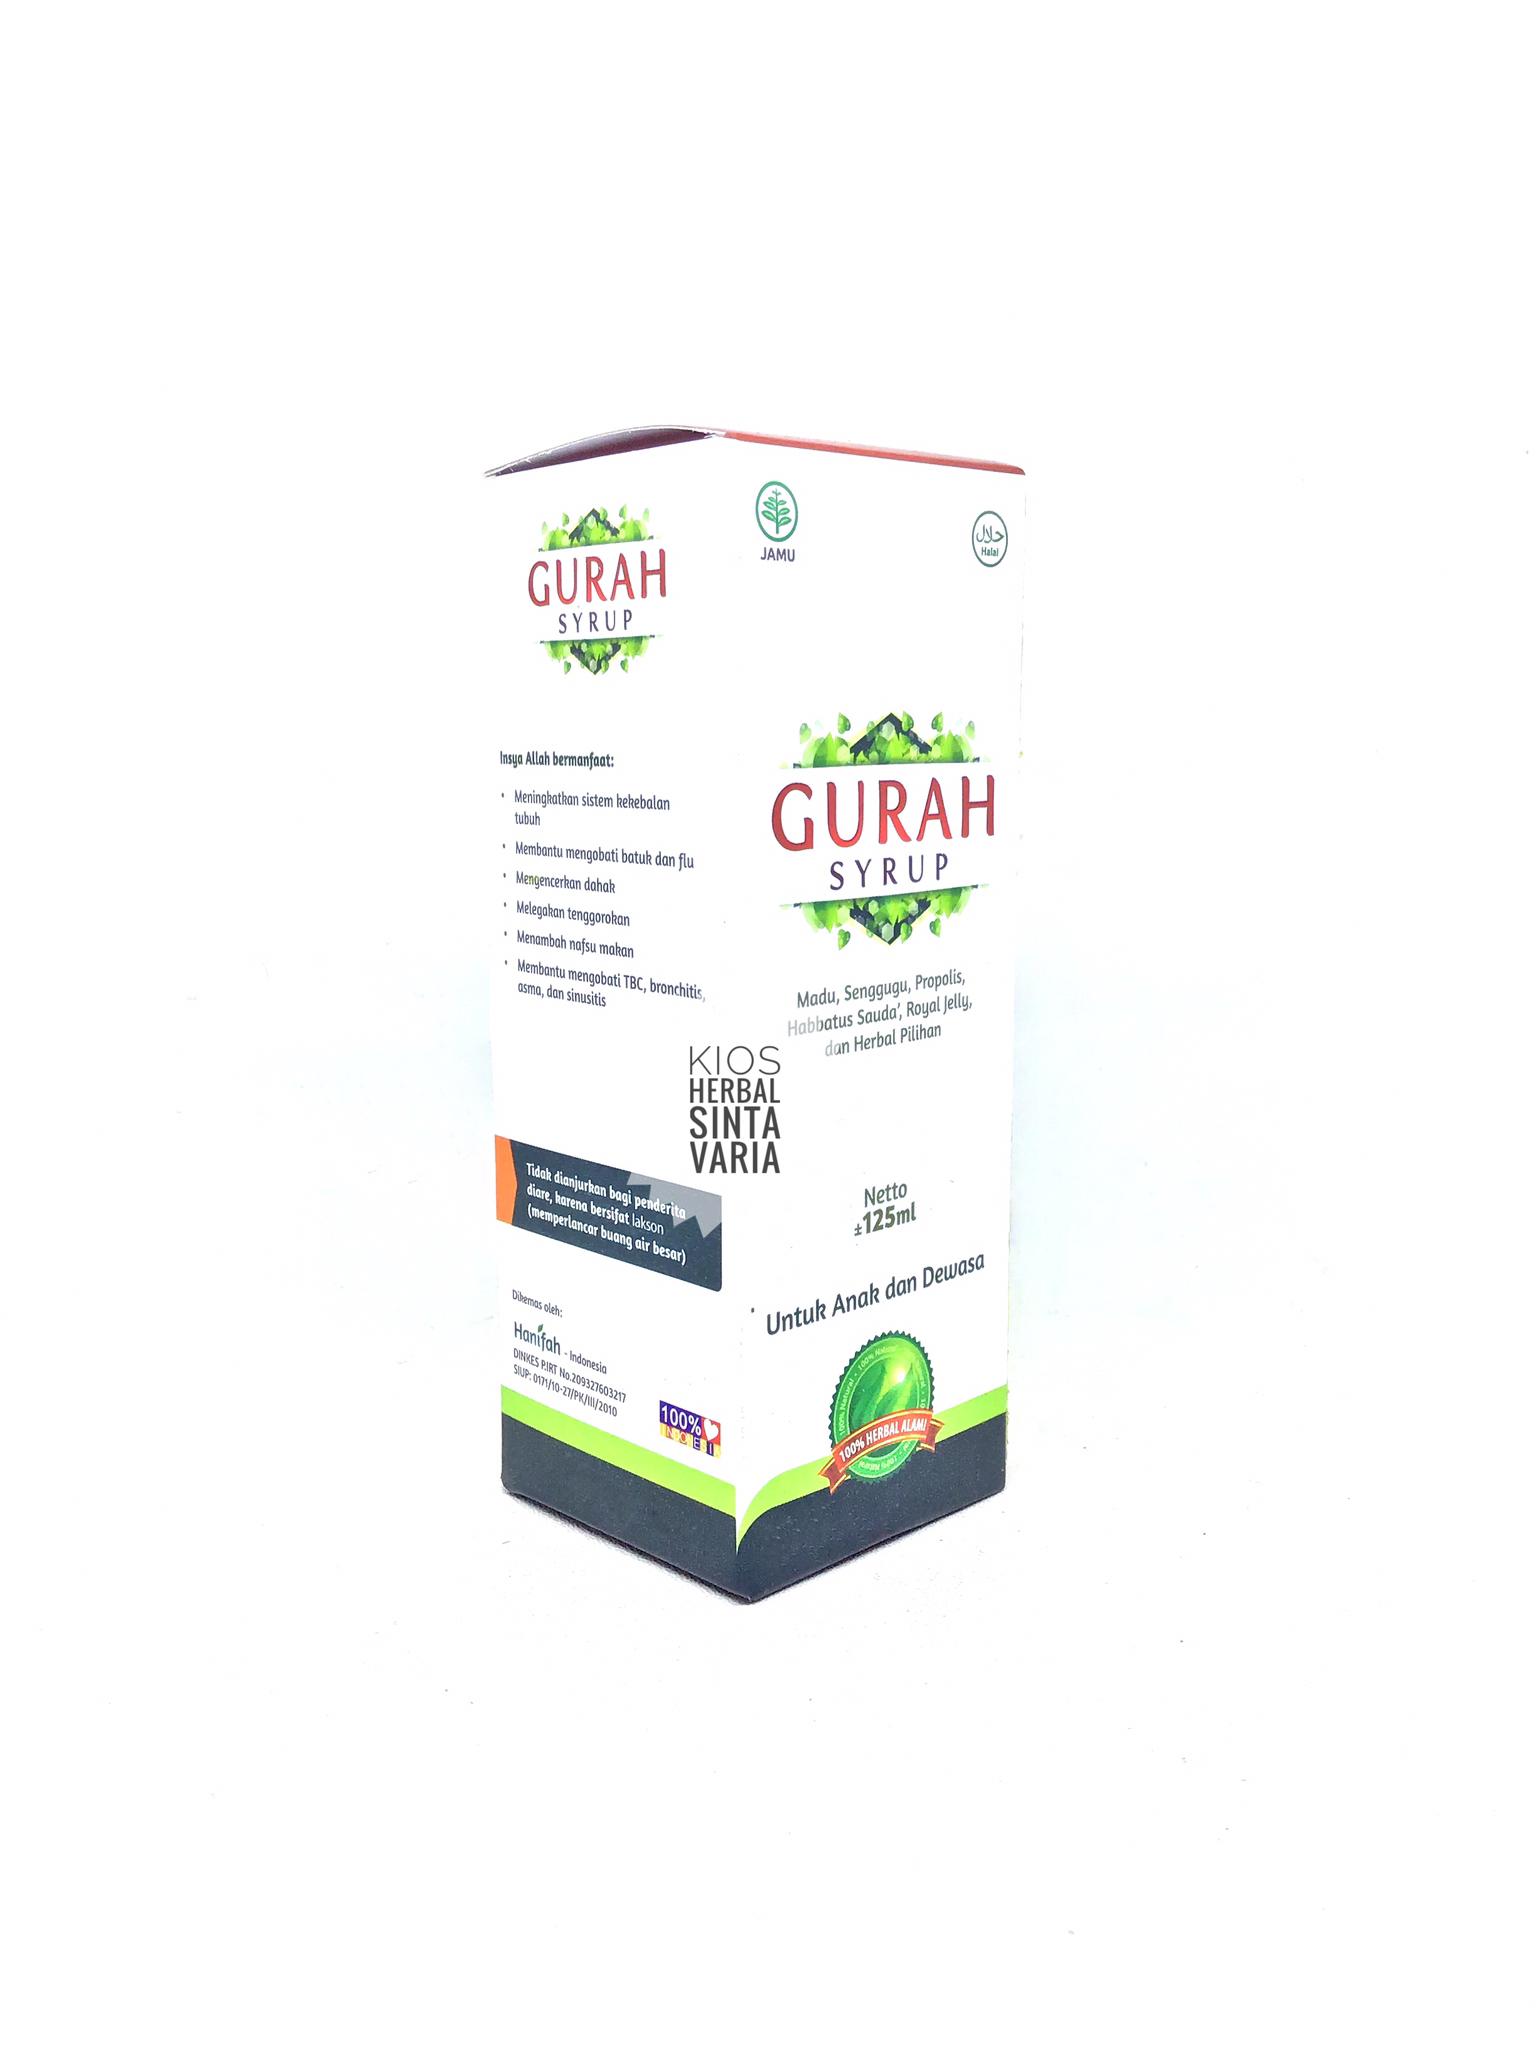 Jual Gurah Syrup,Gurah,Obat Herbal,Grosir Herbal,Original